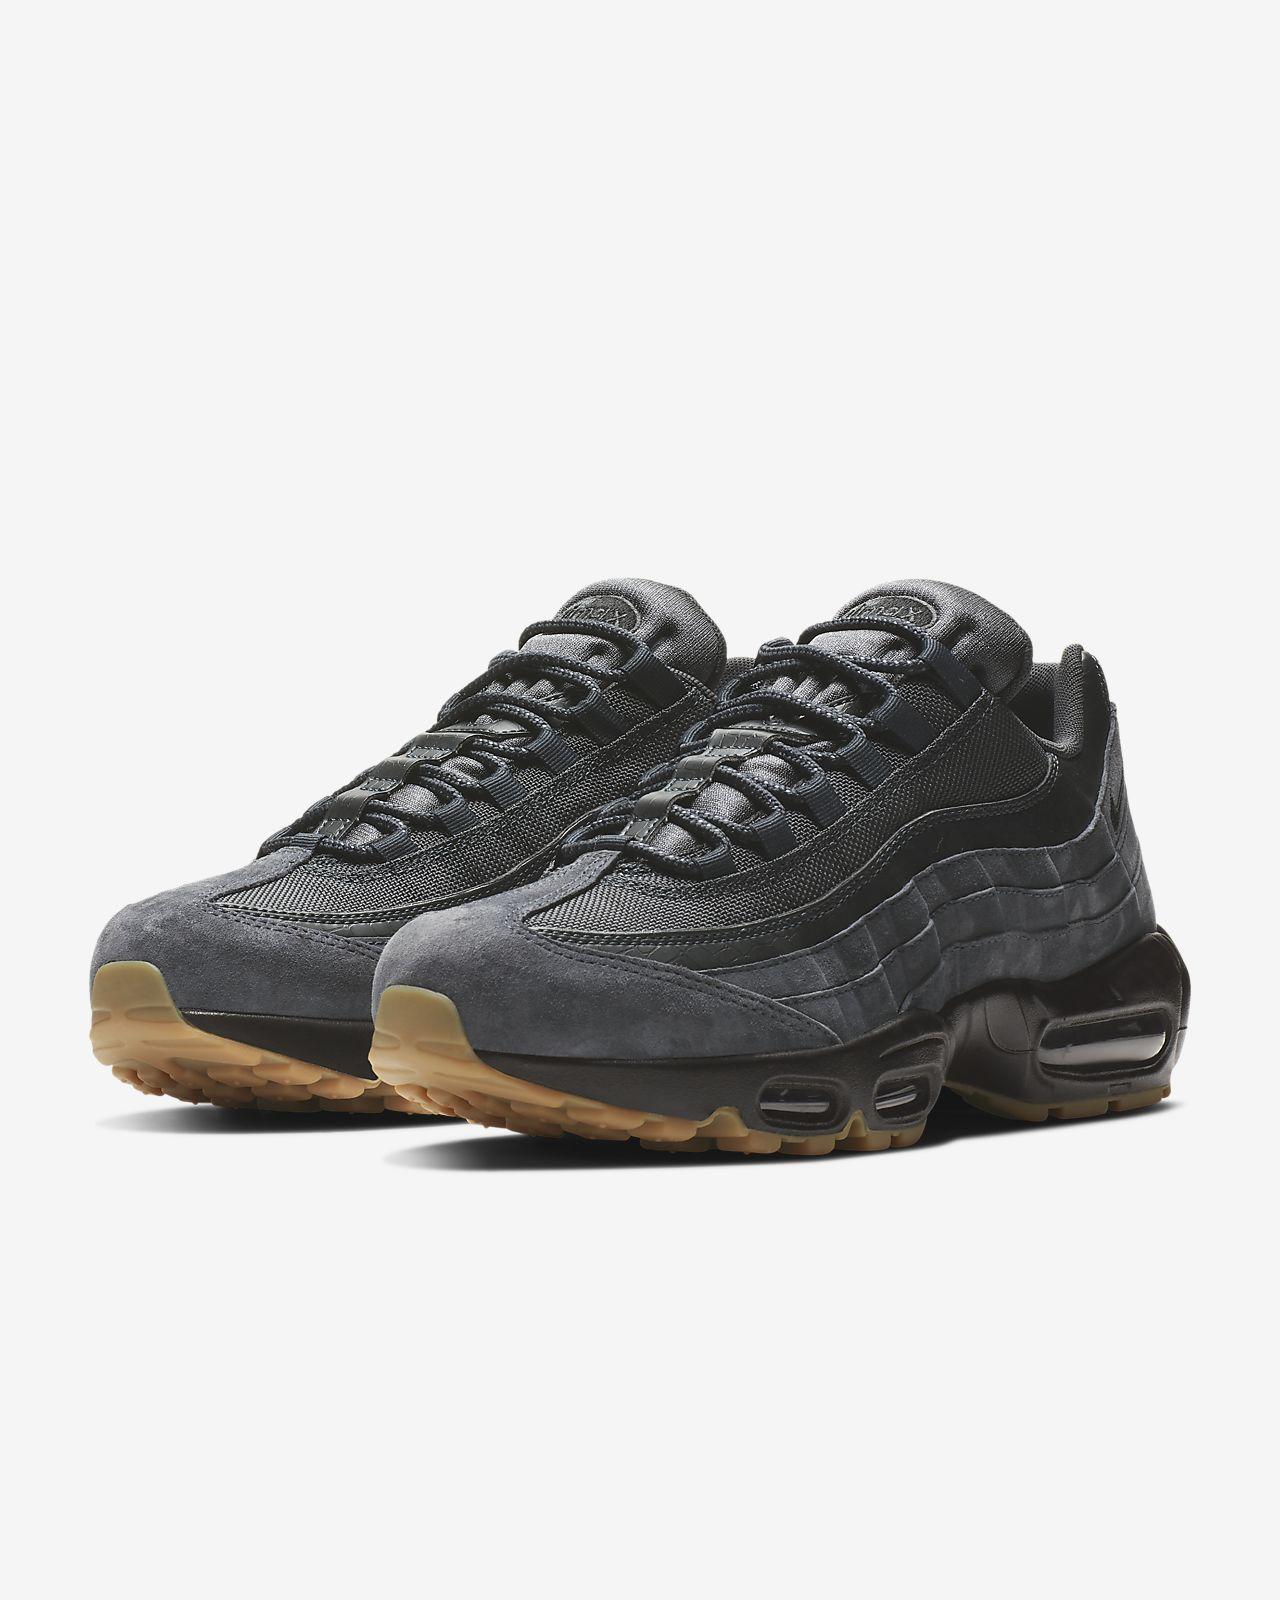 hot sale online 3b874 c1f32 ... Nike Air Max 95 SE Men s Shoe